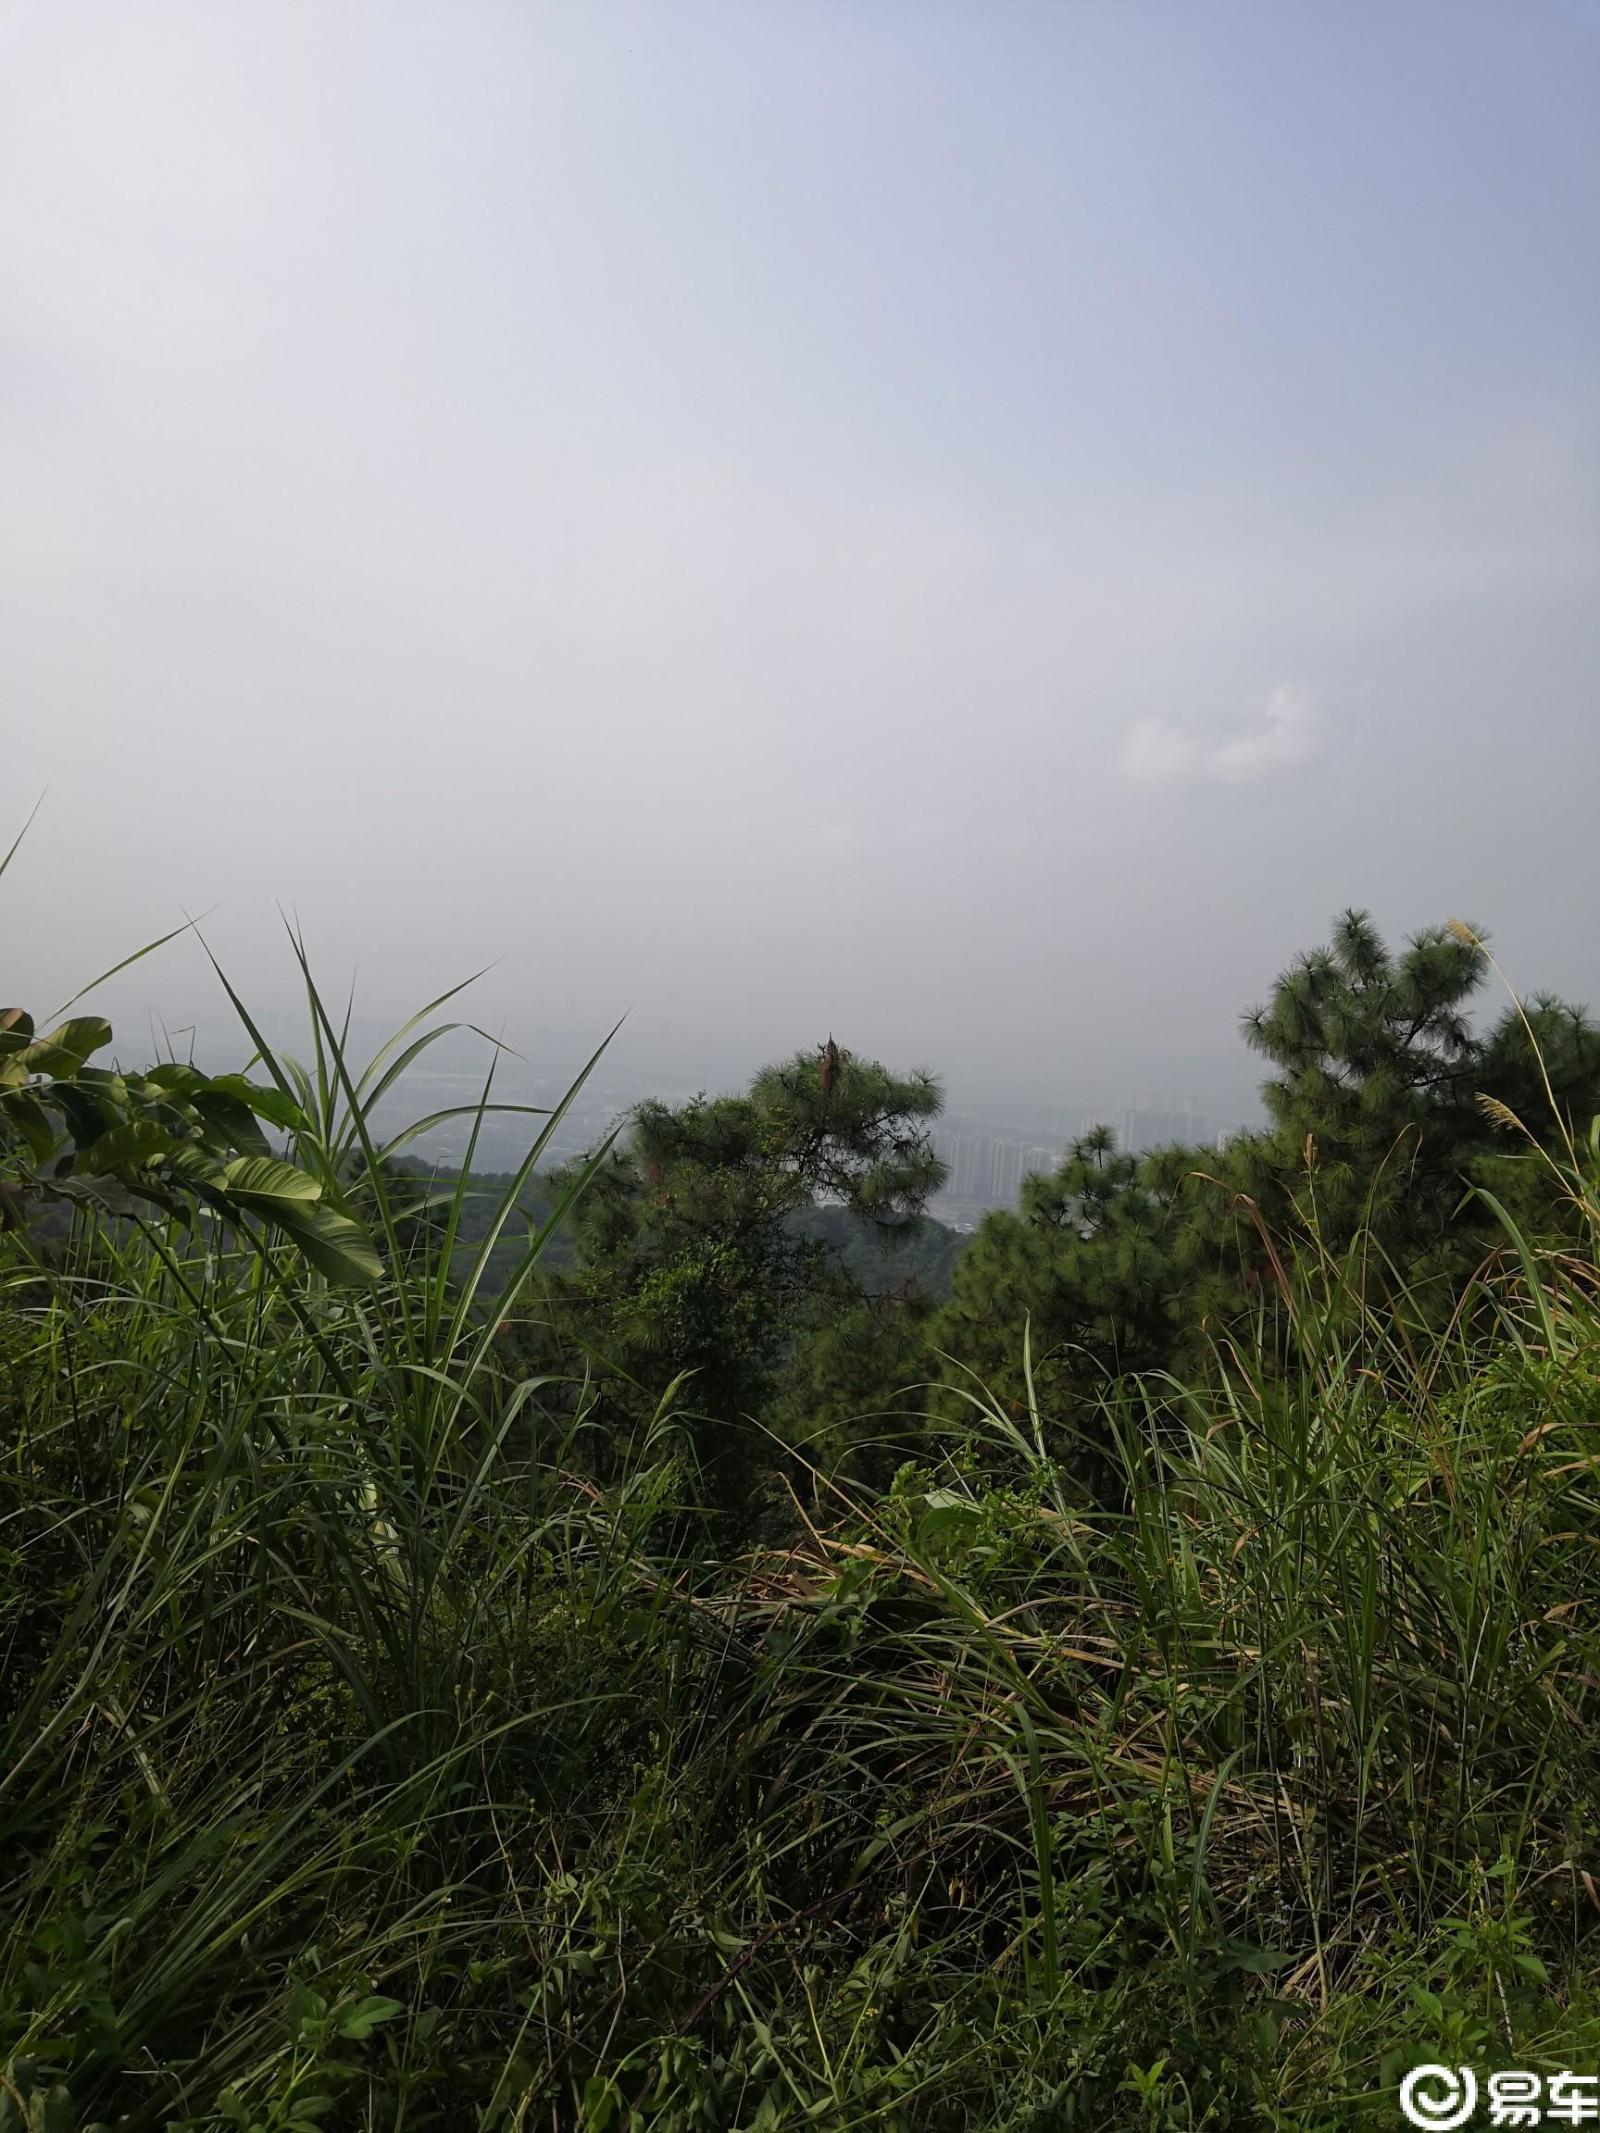 【我在广坛】九九重阳登南香山远眺